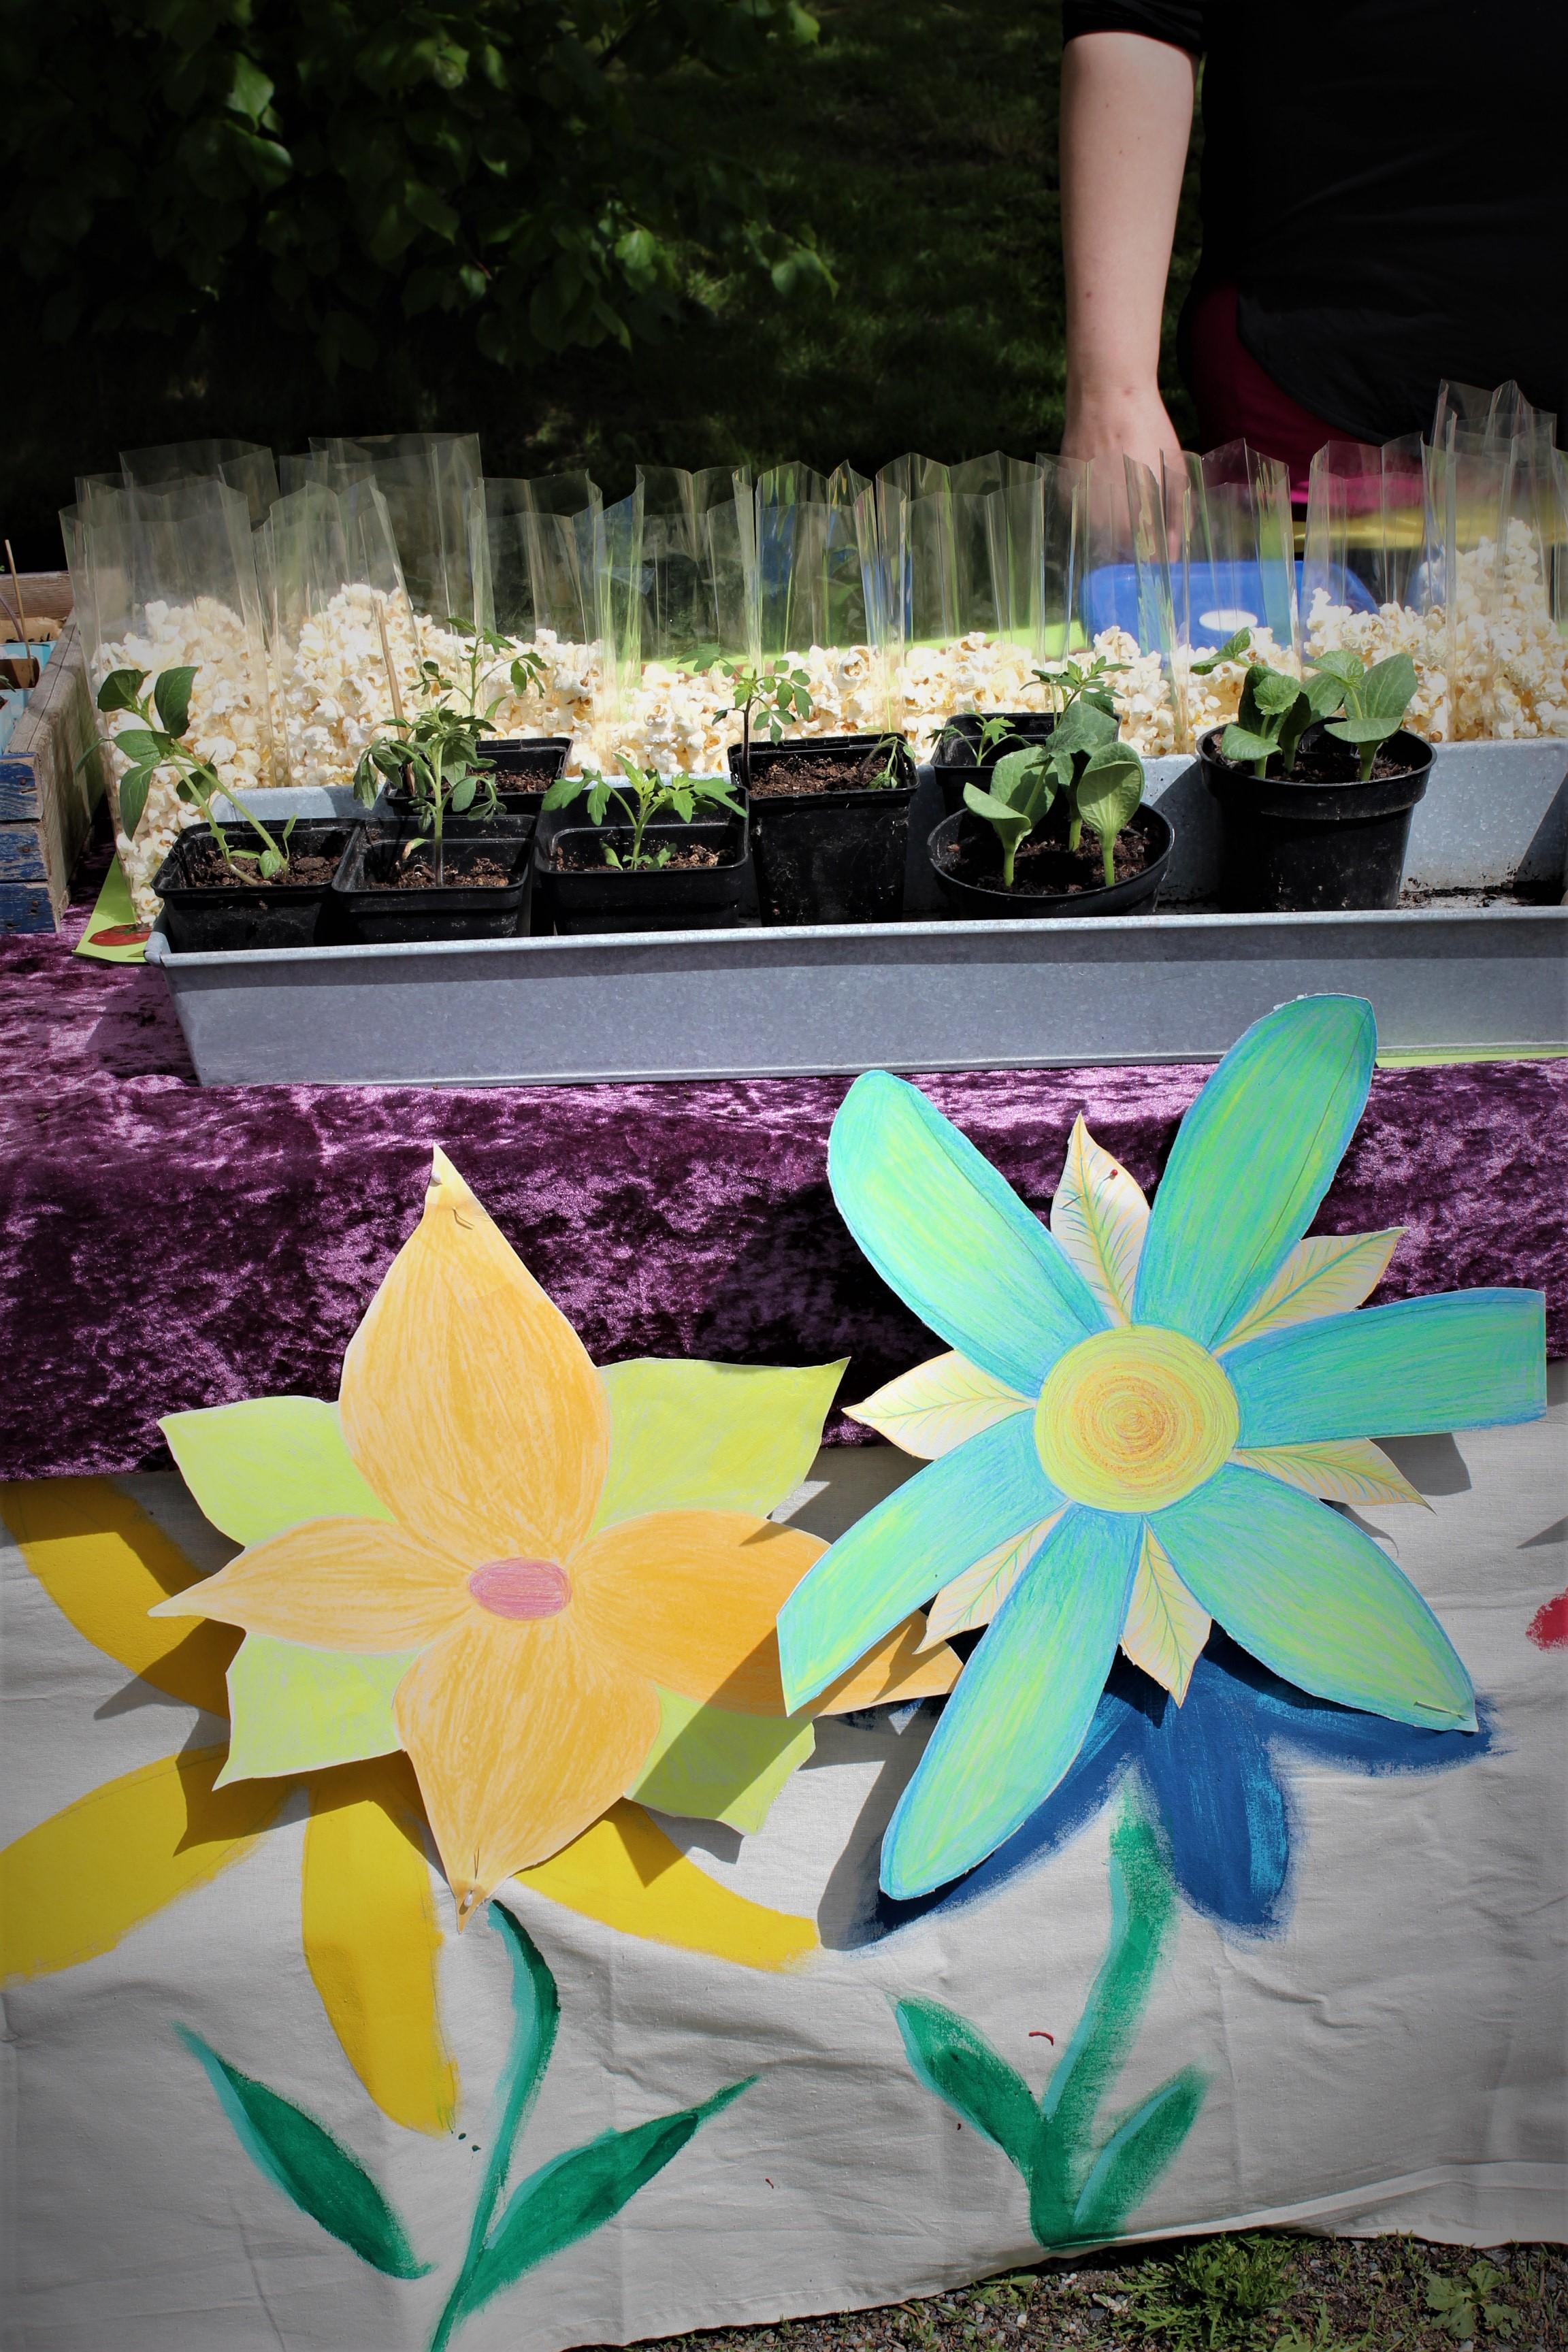 Papirblomster pynter opp standen på vårmarkedet til Steinerskolen i Askim